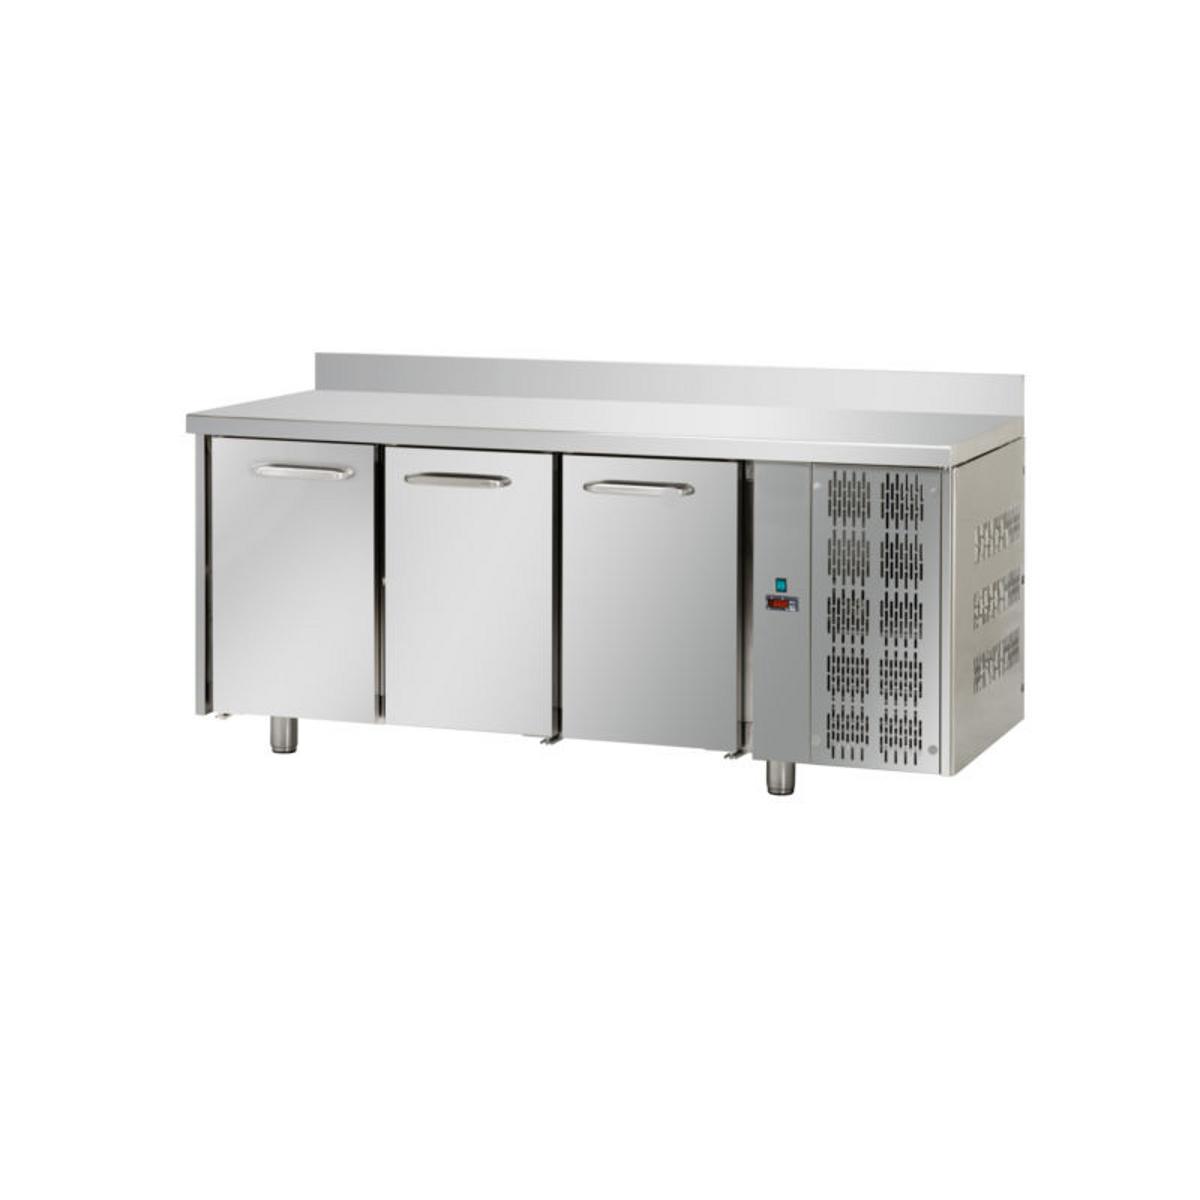 Tavolo refrigerato 3 porte con alzatina E